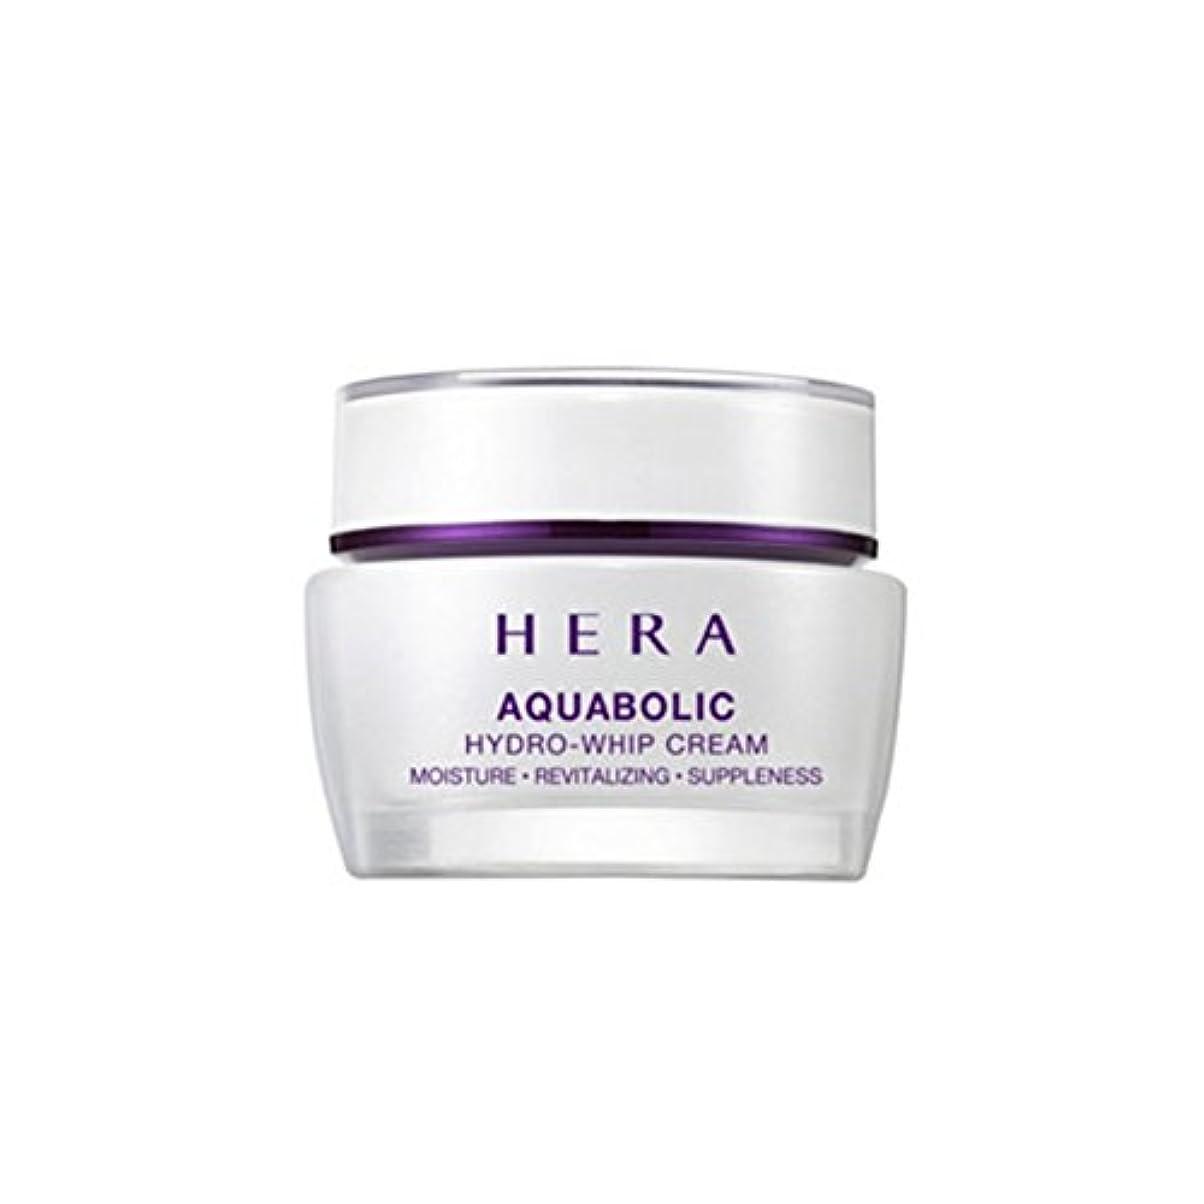 遊びます名門召喚する(ヘラ) HERA Aquabolic Hydro-Whip Cream アクアボリックハイドロホイップ クリーム (韓国直発送) oopspanda